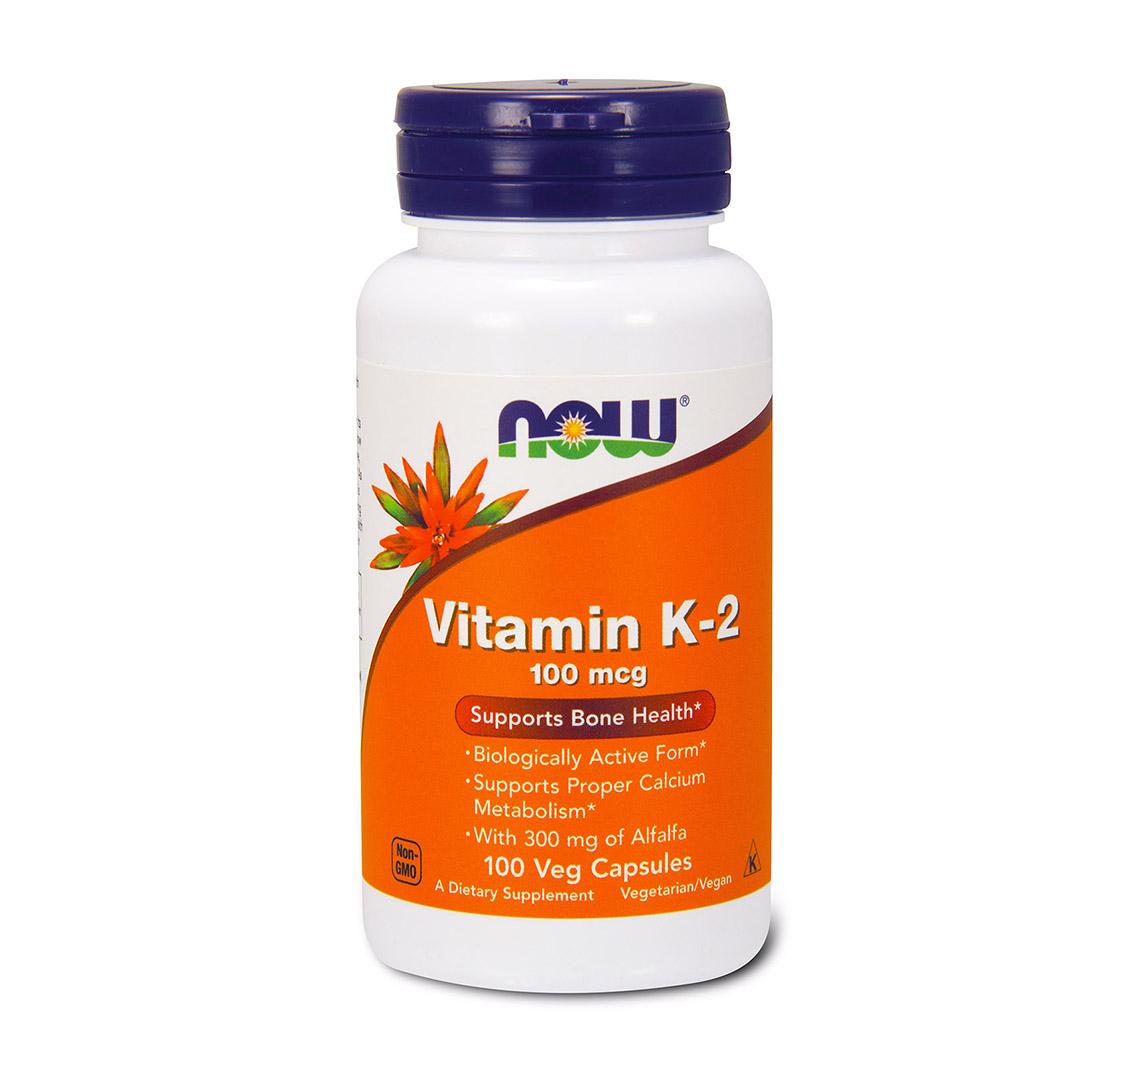 NOW Vitamin K2